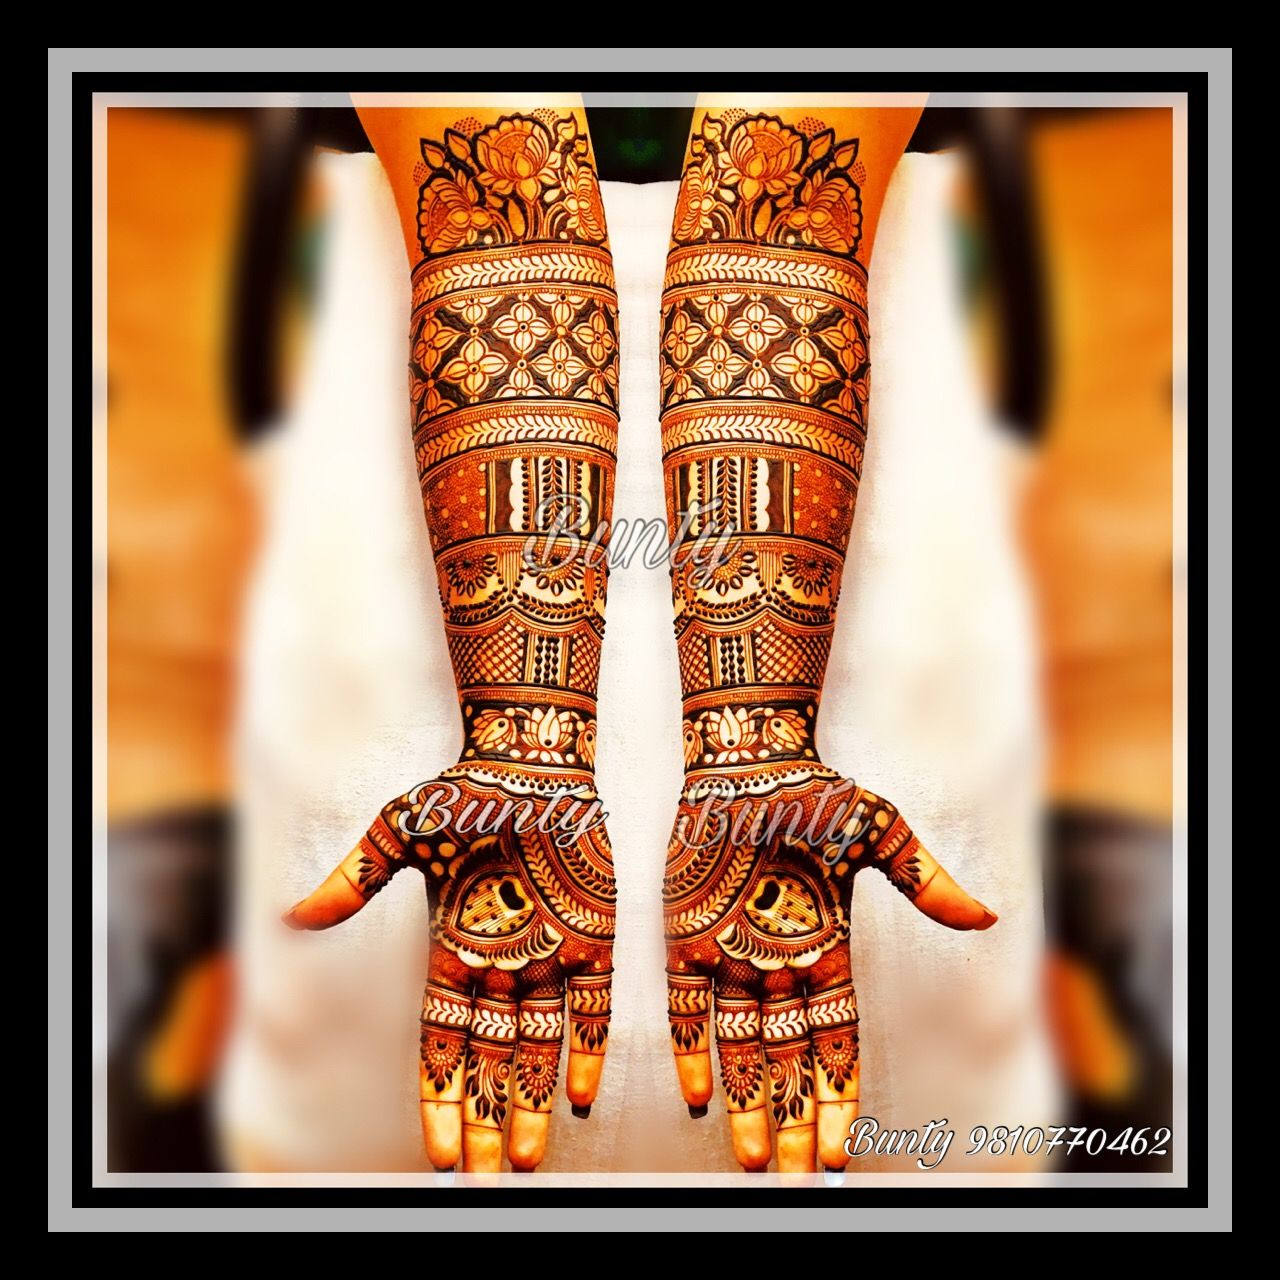 #henna #hennafun #hennainpire #hennainsp0 #hennadesign #hennadesigns #hennaideas #ngerhenna #handhenna #armhenna #hennalove #mehndi #mehndihenna #mehndidesign #mehendiinspire #mehendi #design #mehendinight #art #hennatattoos #bridalmehandi #mehndi #arabicmehndidesigns #stylishmehndidesign #mehandi #mehandi #design #mehndiartist